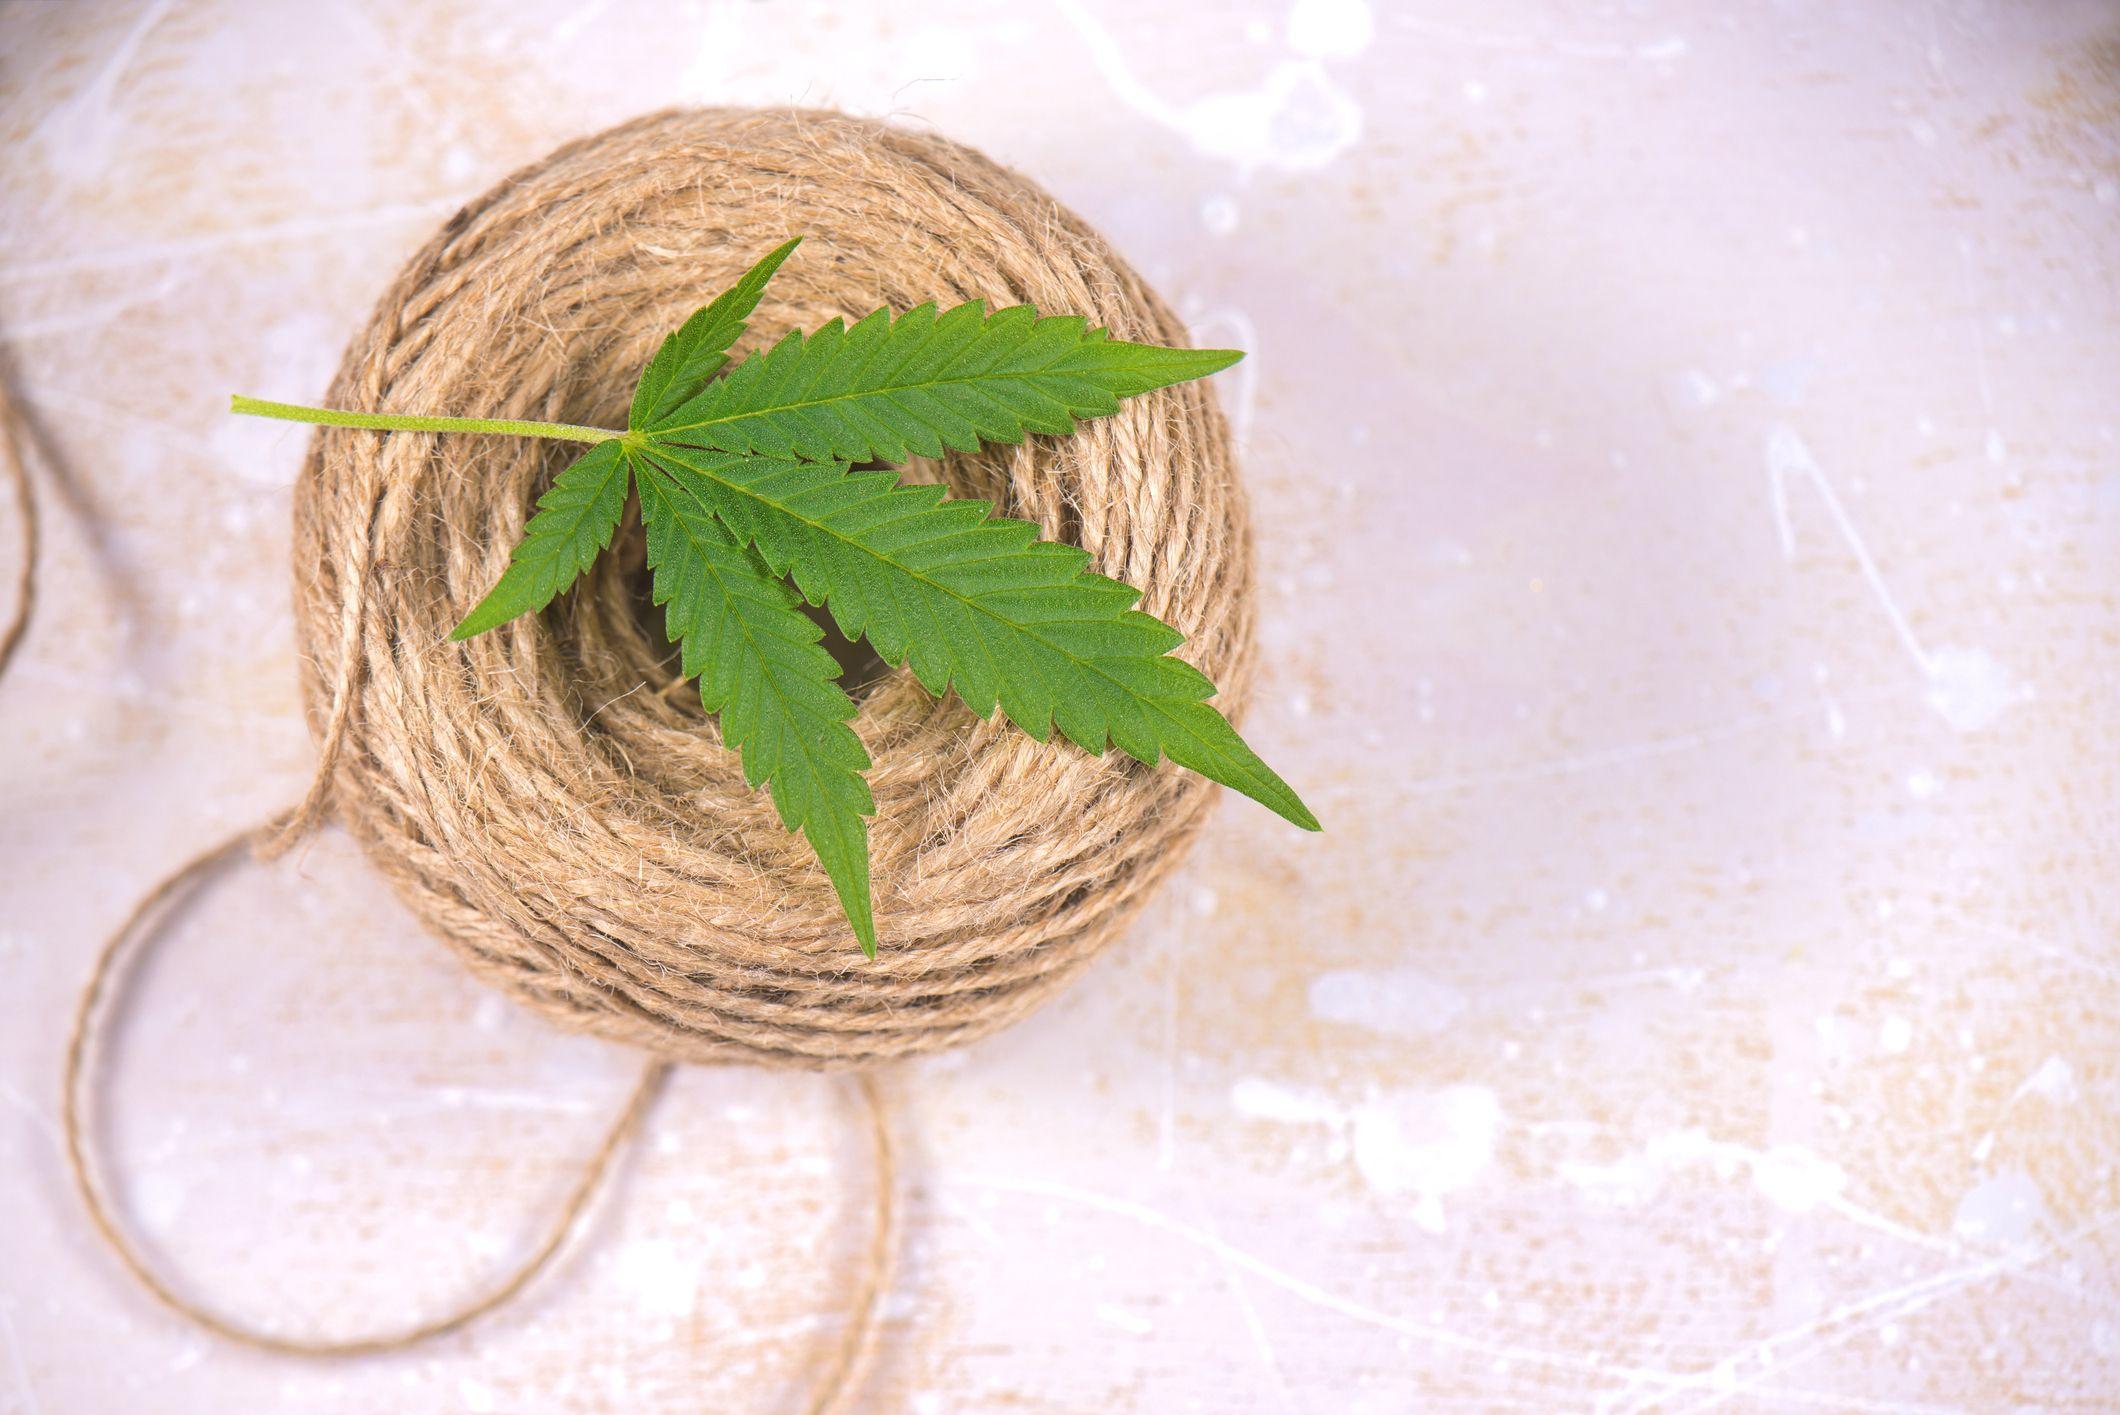 hemp, marijuana, weed, recovery